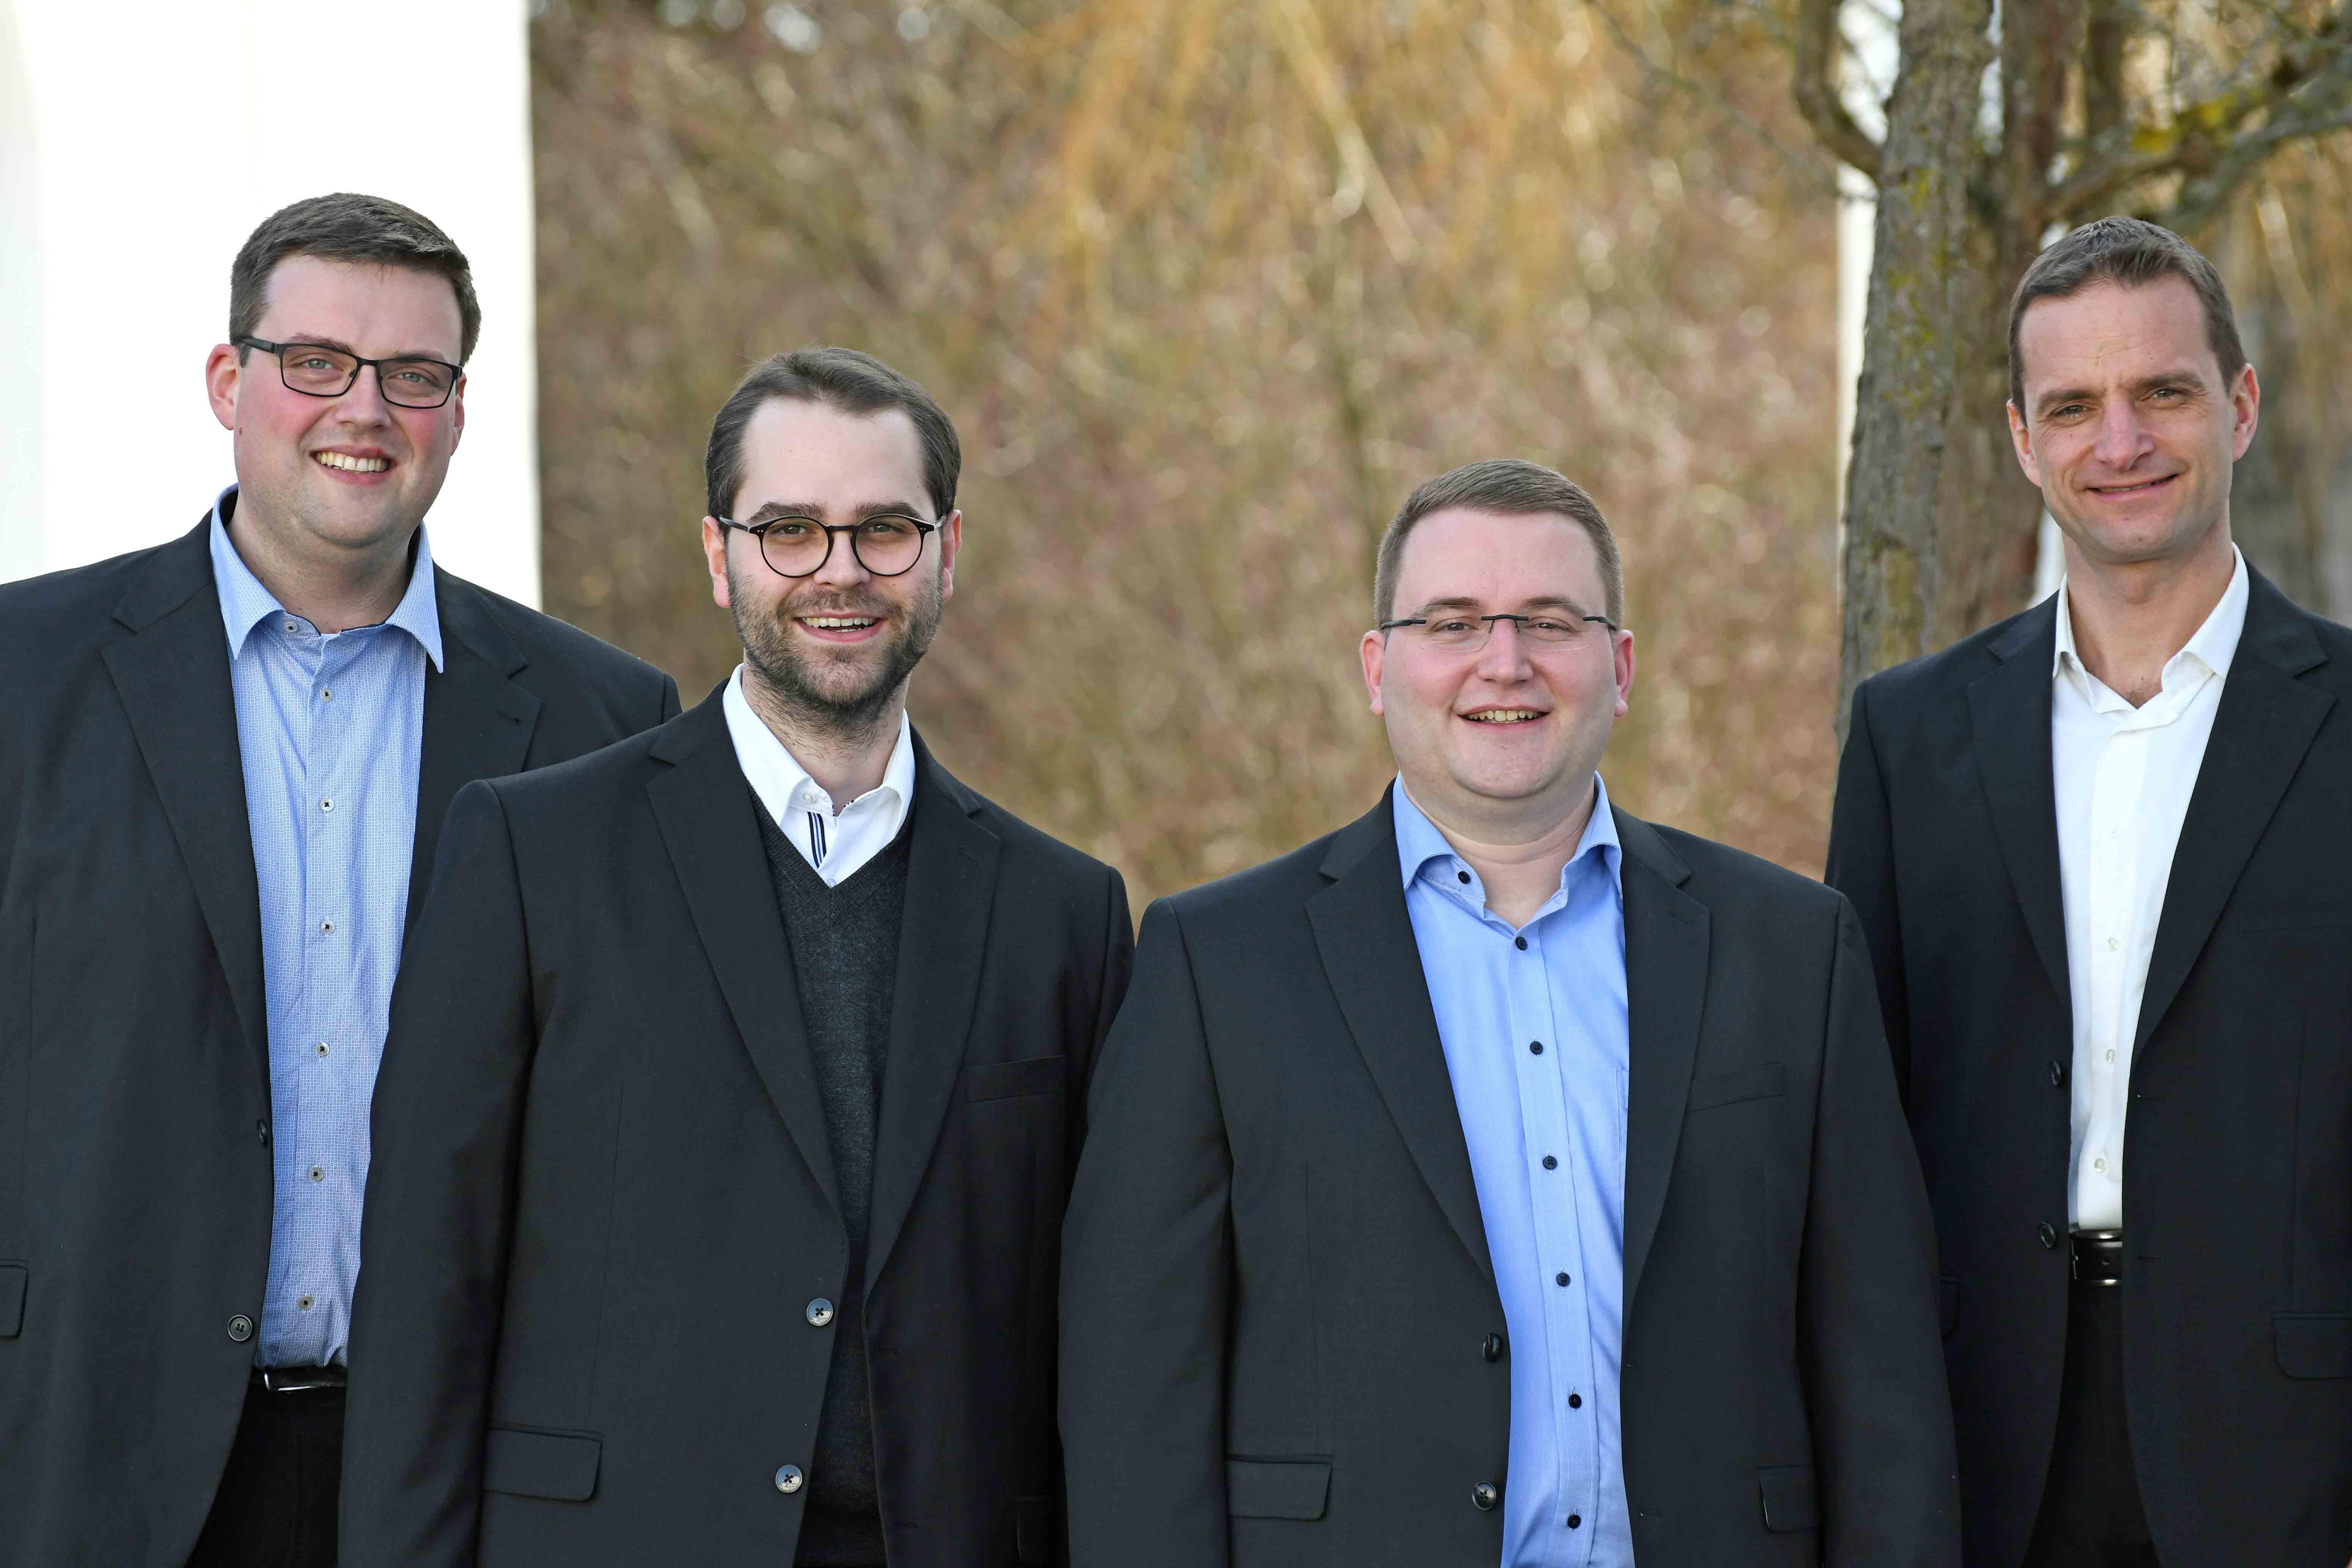 Sie empfangen am 5. Mai ihre Diakonenweihe: (v.l.) Florian Stadlmayr, Dominik Loy, Dominic Ehehalt und Marco Leonhart (Foto: Nicolas Schnall / pba).